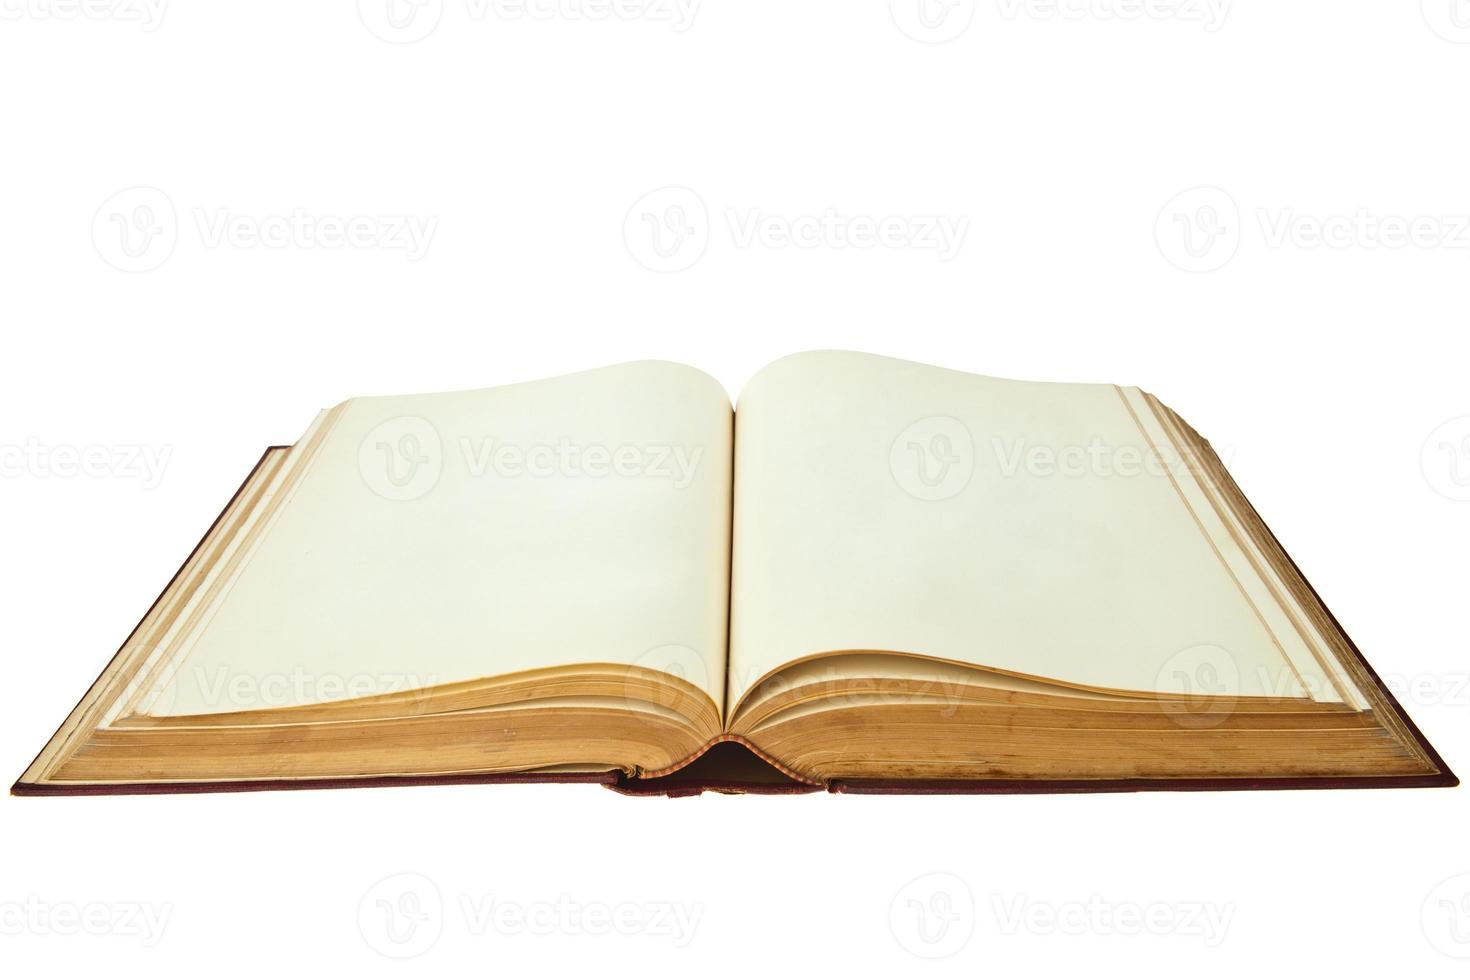 öppnade gammal bok isolerad på vit bakgrund foto